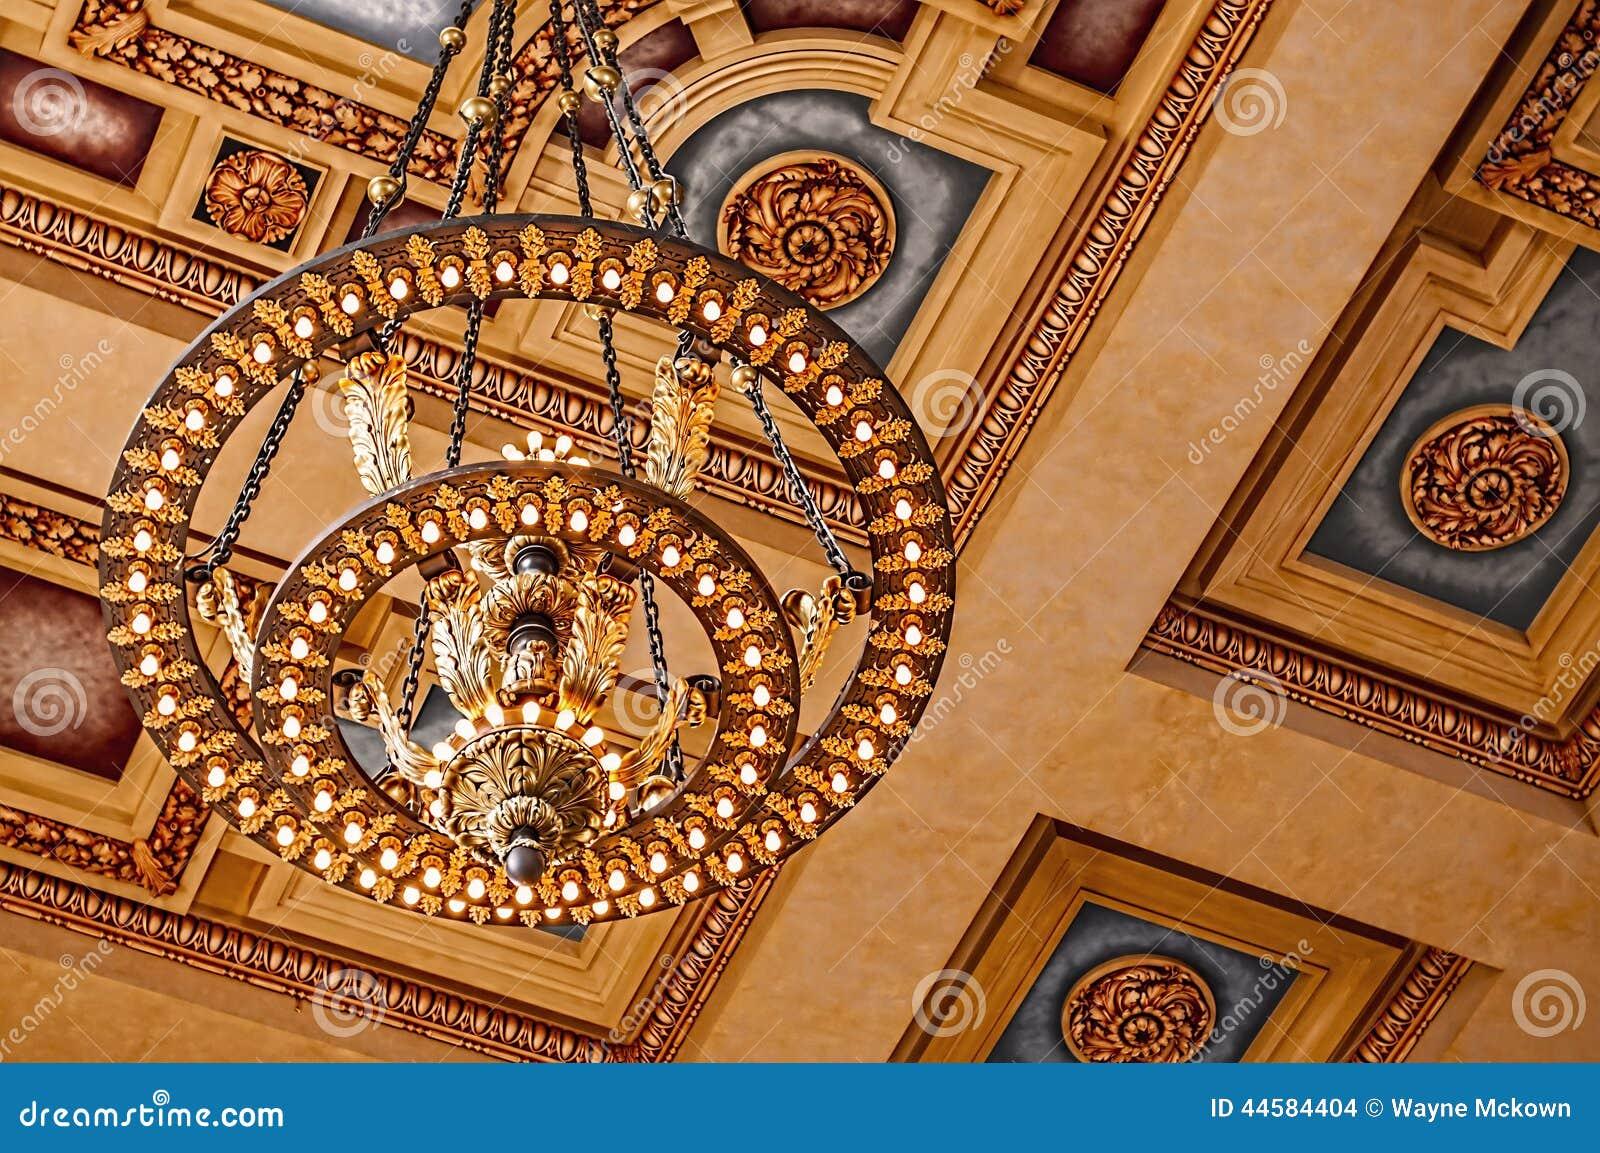 联合驻地枝形吊灯和天花板